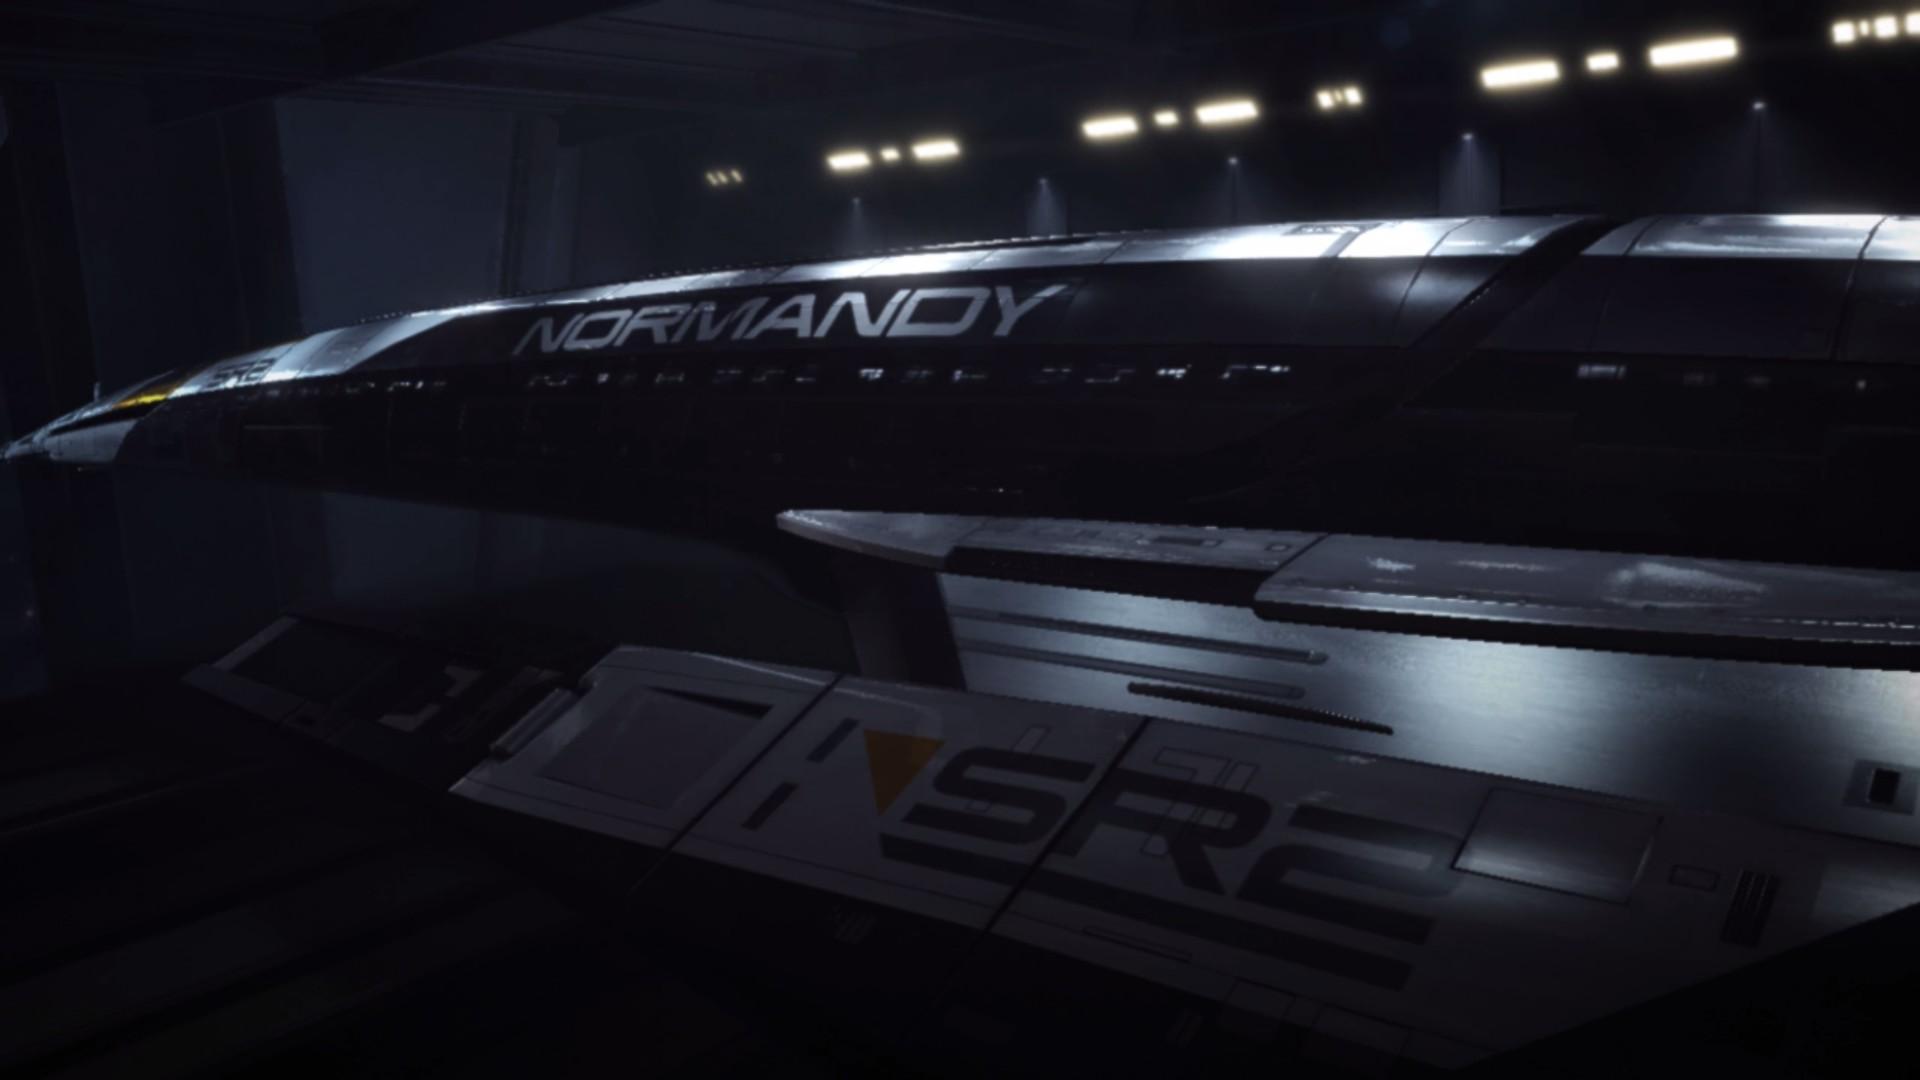 20180511132453_1.jpg - Mass Effect 2